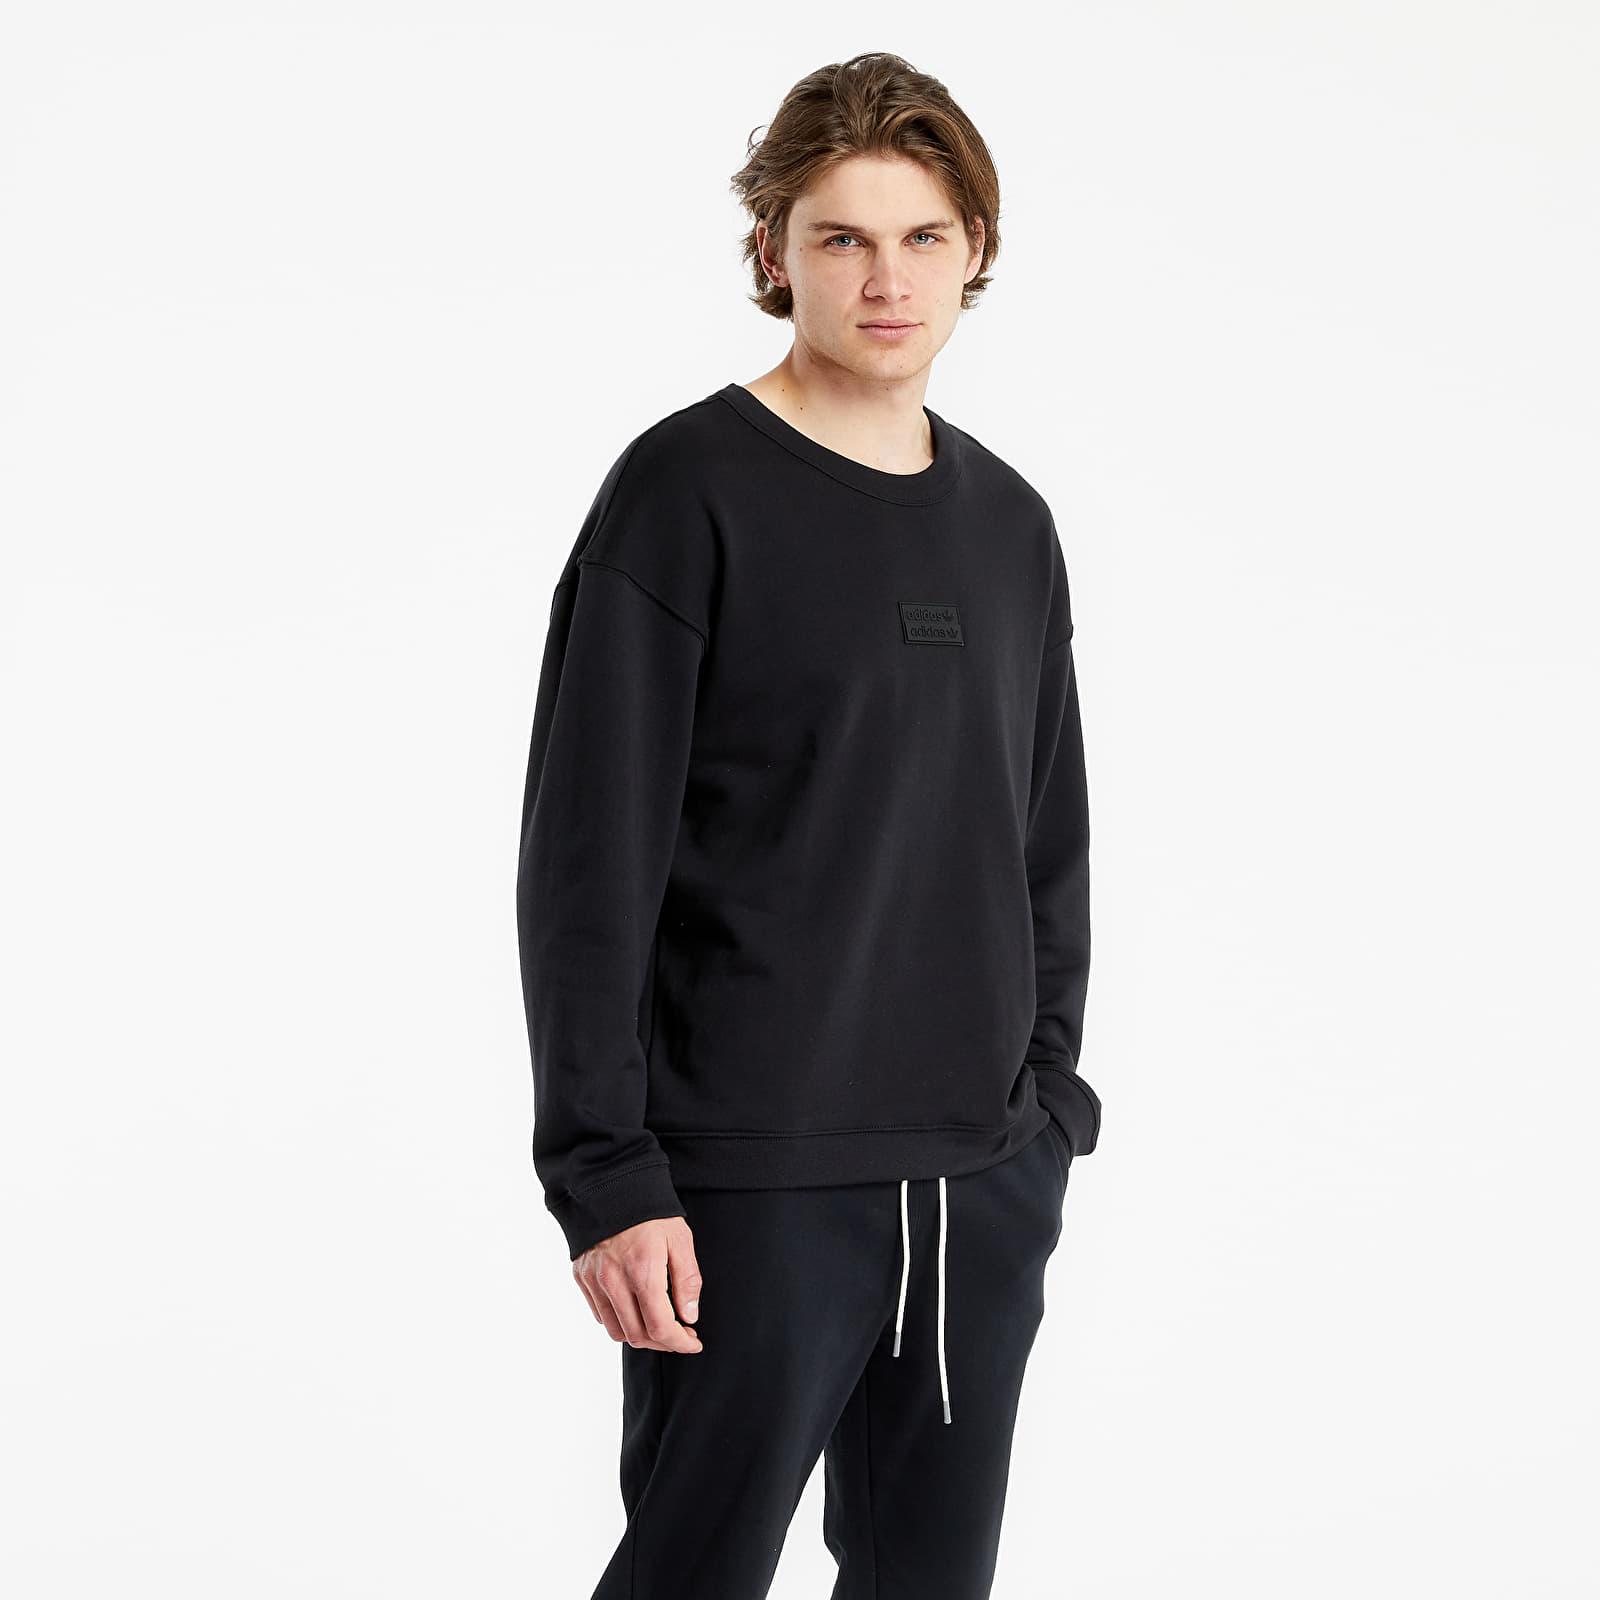 adidas Originals R.Y.V. Silicone Double Linear Badge Crew Sweatshirt Black S